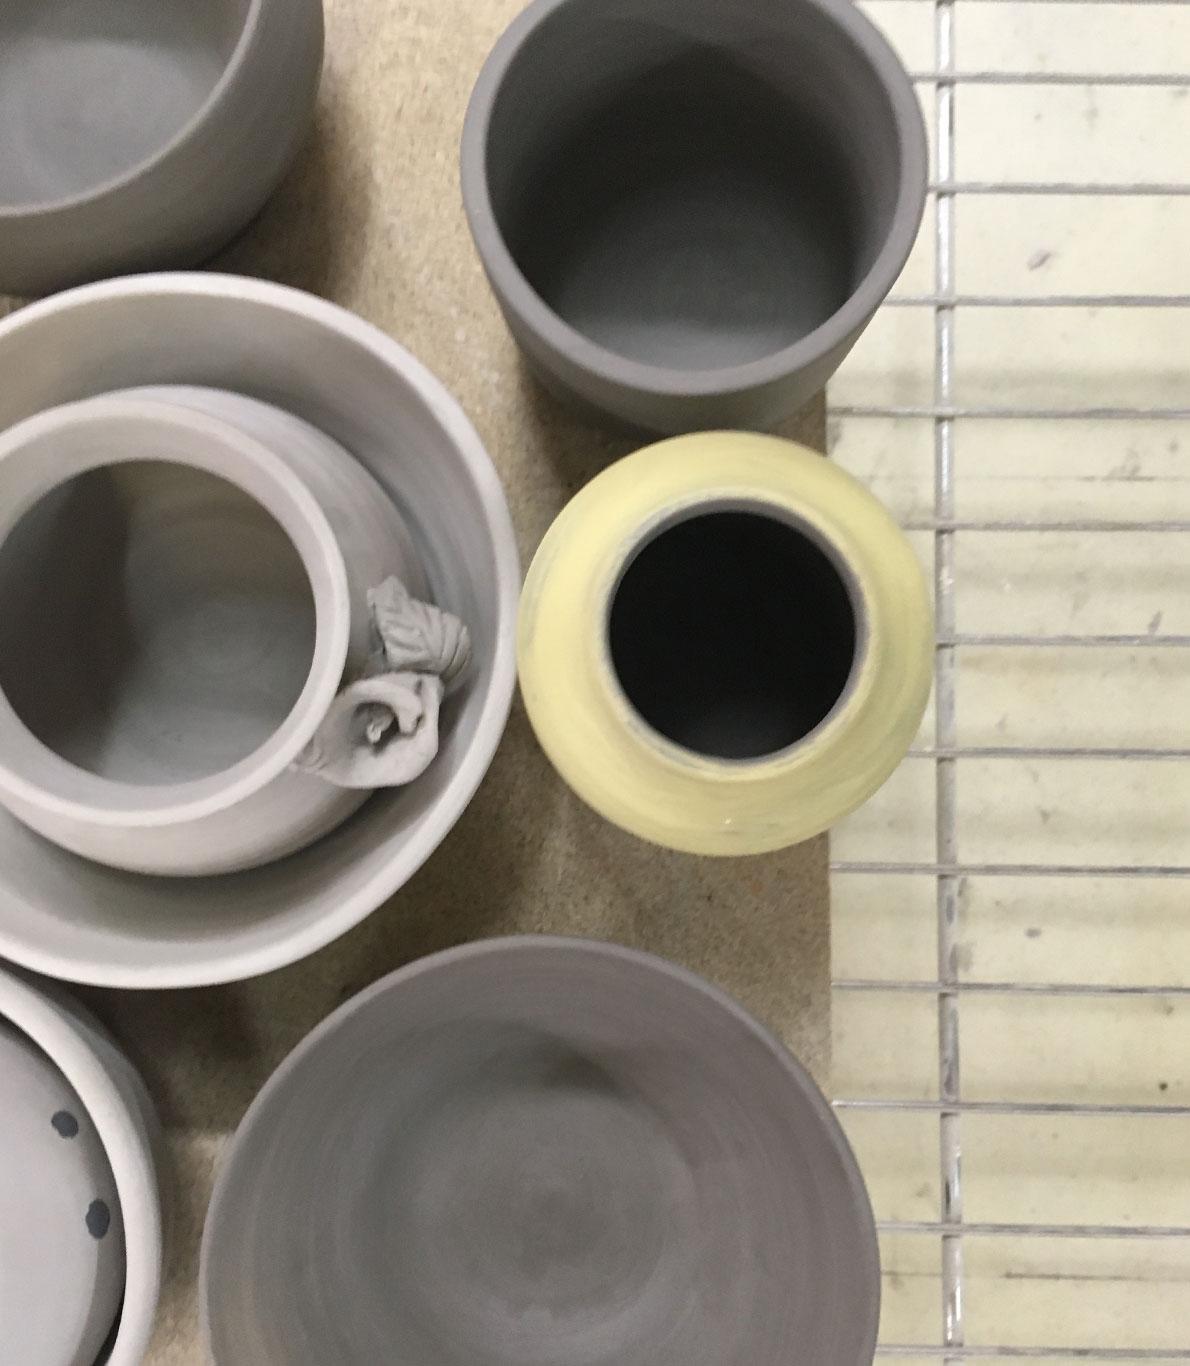 Peças de cerâmica, copos, tigelas e vasos, a secarem numa prateleira.